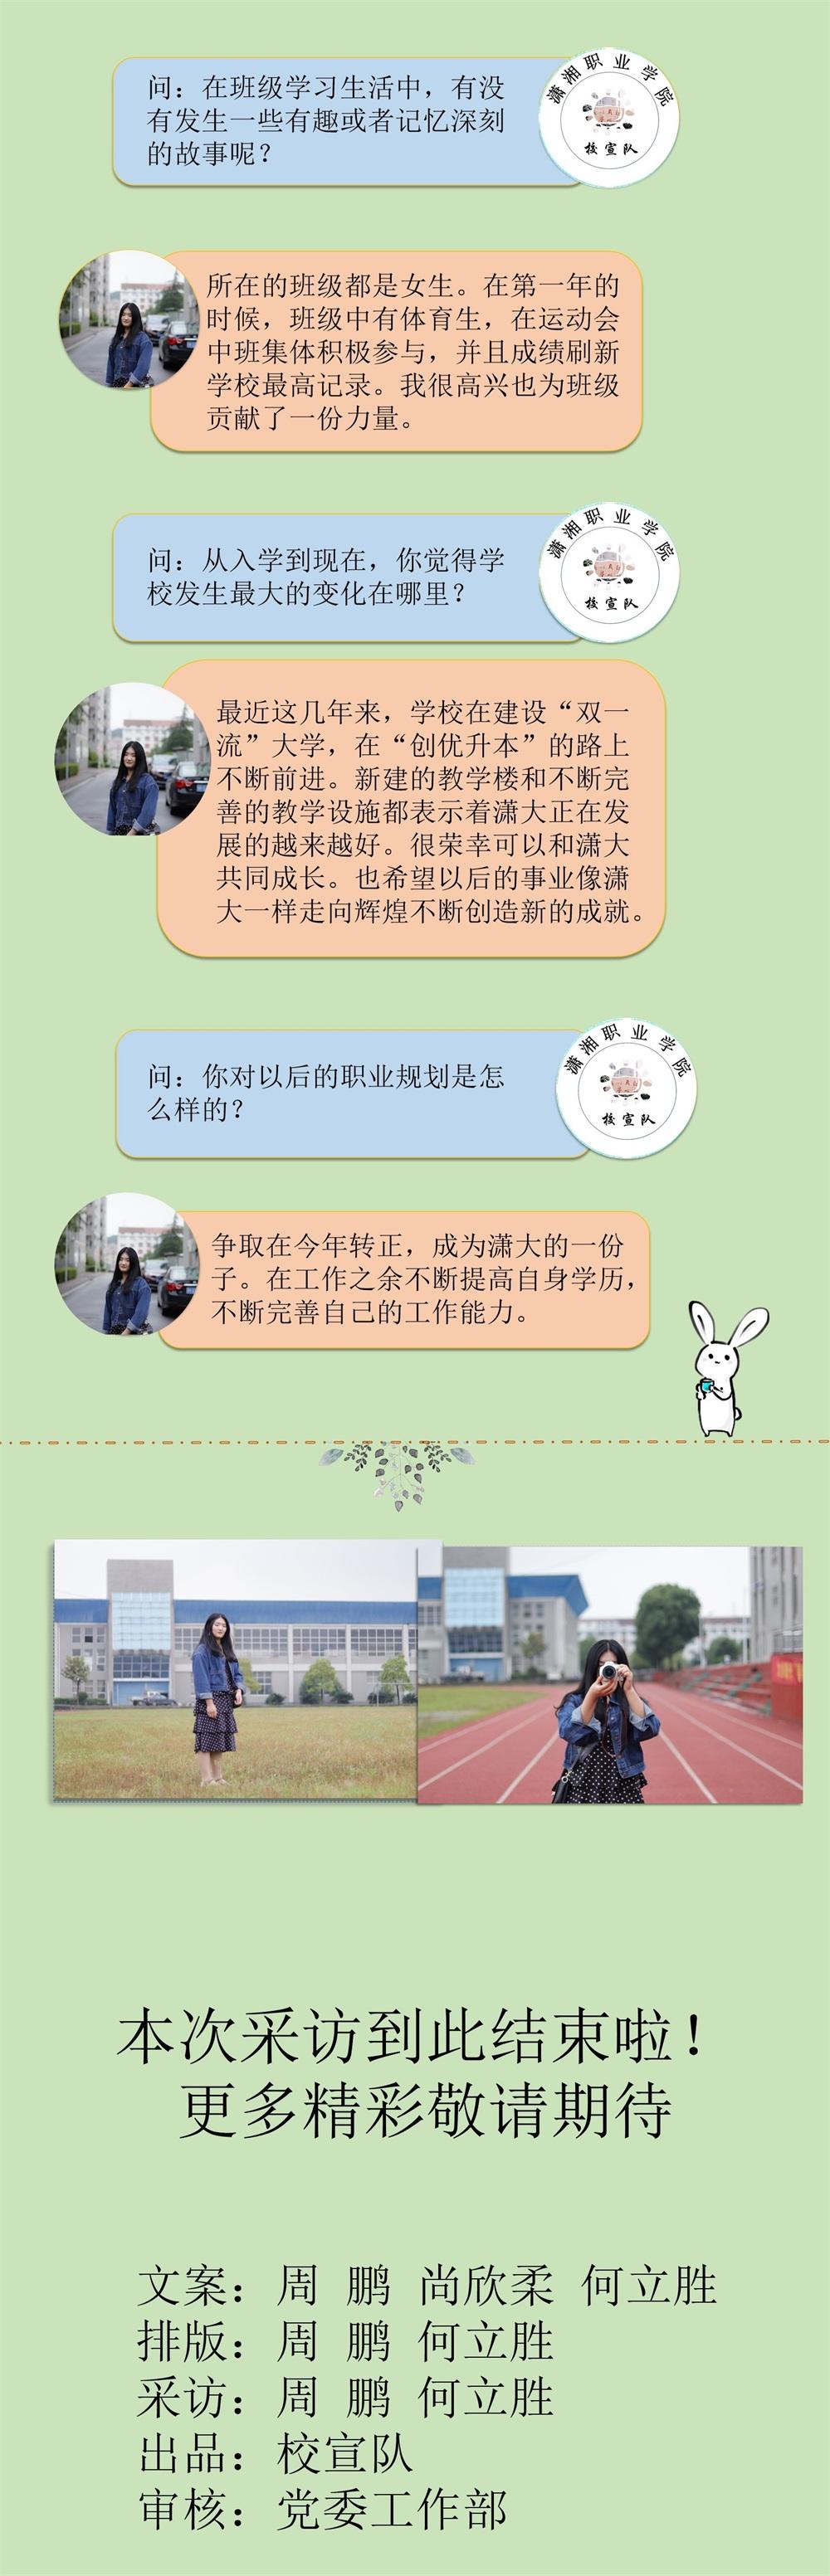 幻灯片2(1).jpg